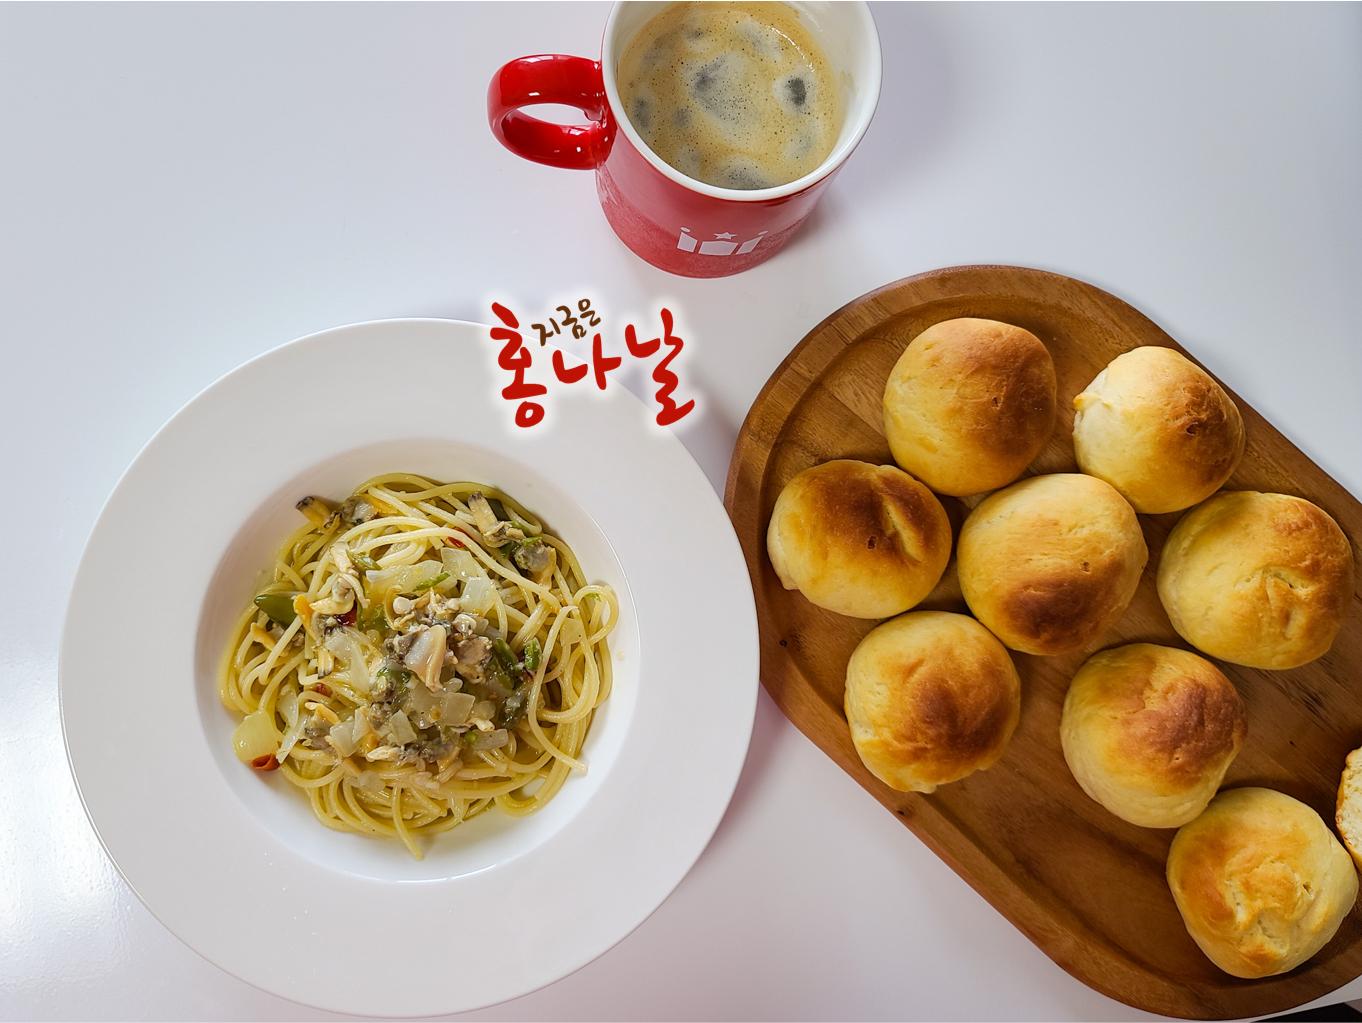 [모닝빵] 모닝빵과 함께 먹기 좋은 파스타